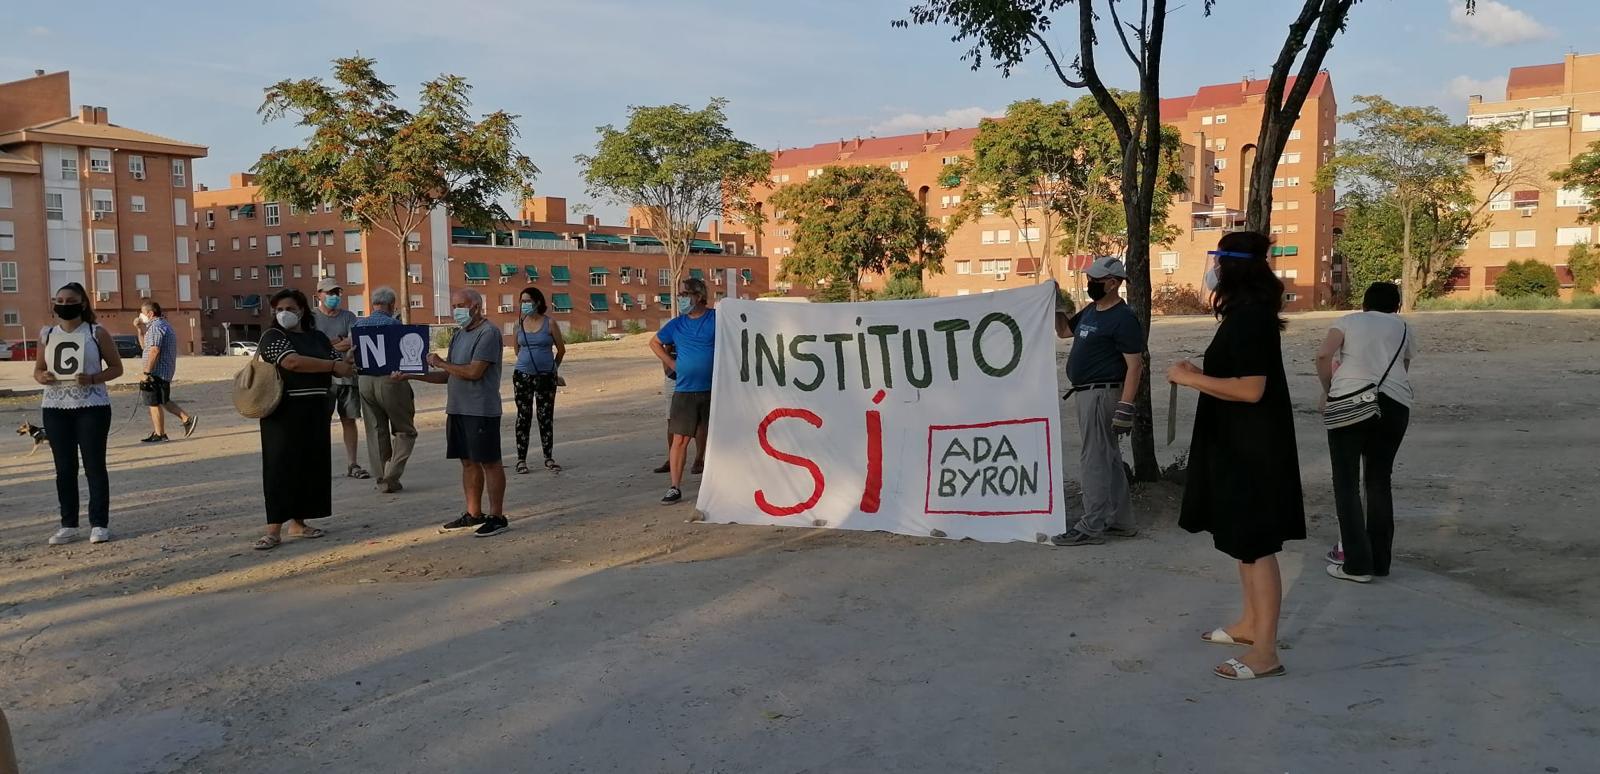 DEMANDA DE CONSTRUCCIÓN DEL INSTITUTO (IES ADA BYRON) EN EL BARRIO